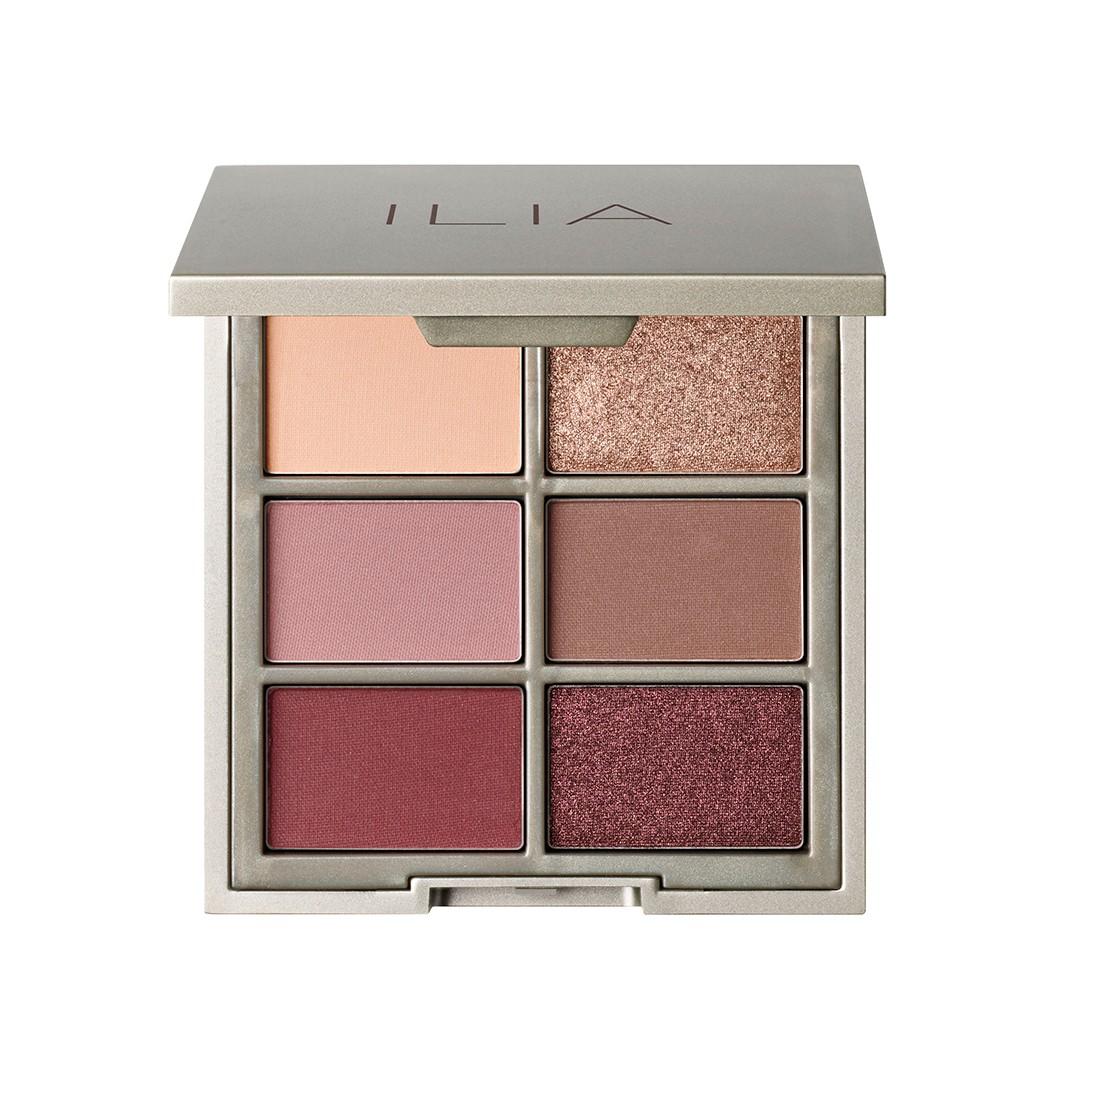 Ilia Beauty Eyeshadow Palette